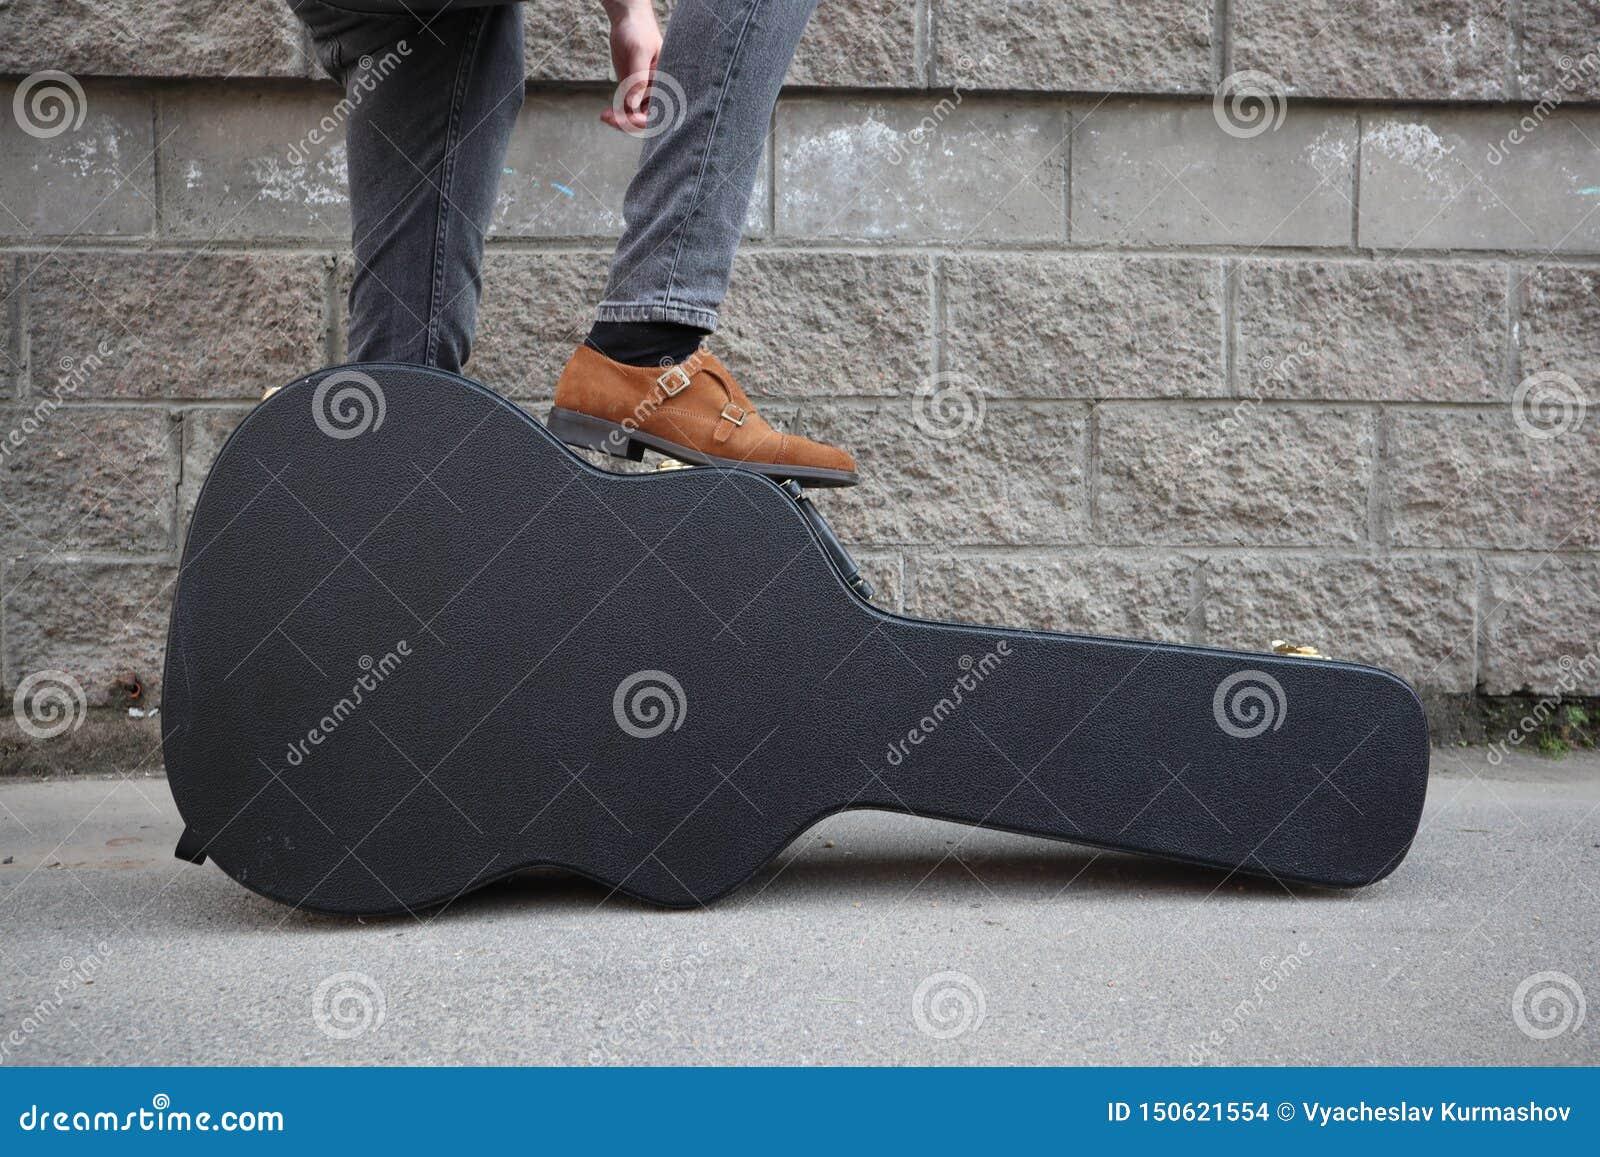 Mannen satte hans fot på ett hårt gitarrfall H?rt fall f?r elektrisk gitarr Iklädd jeans för man som rymmer gitarrfallet mot vägg